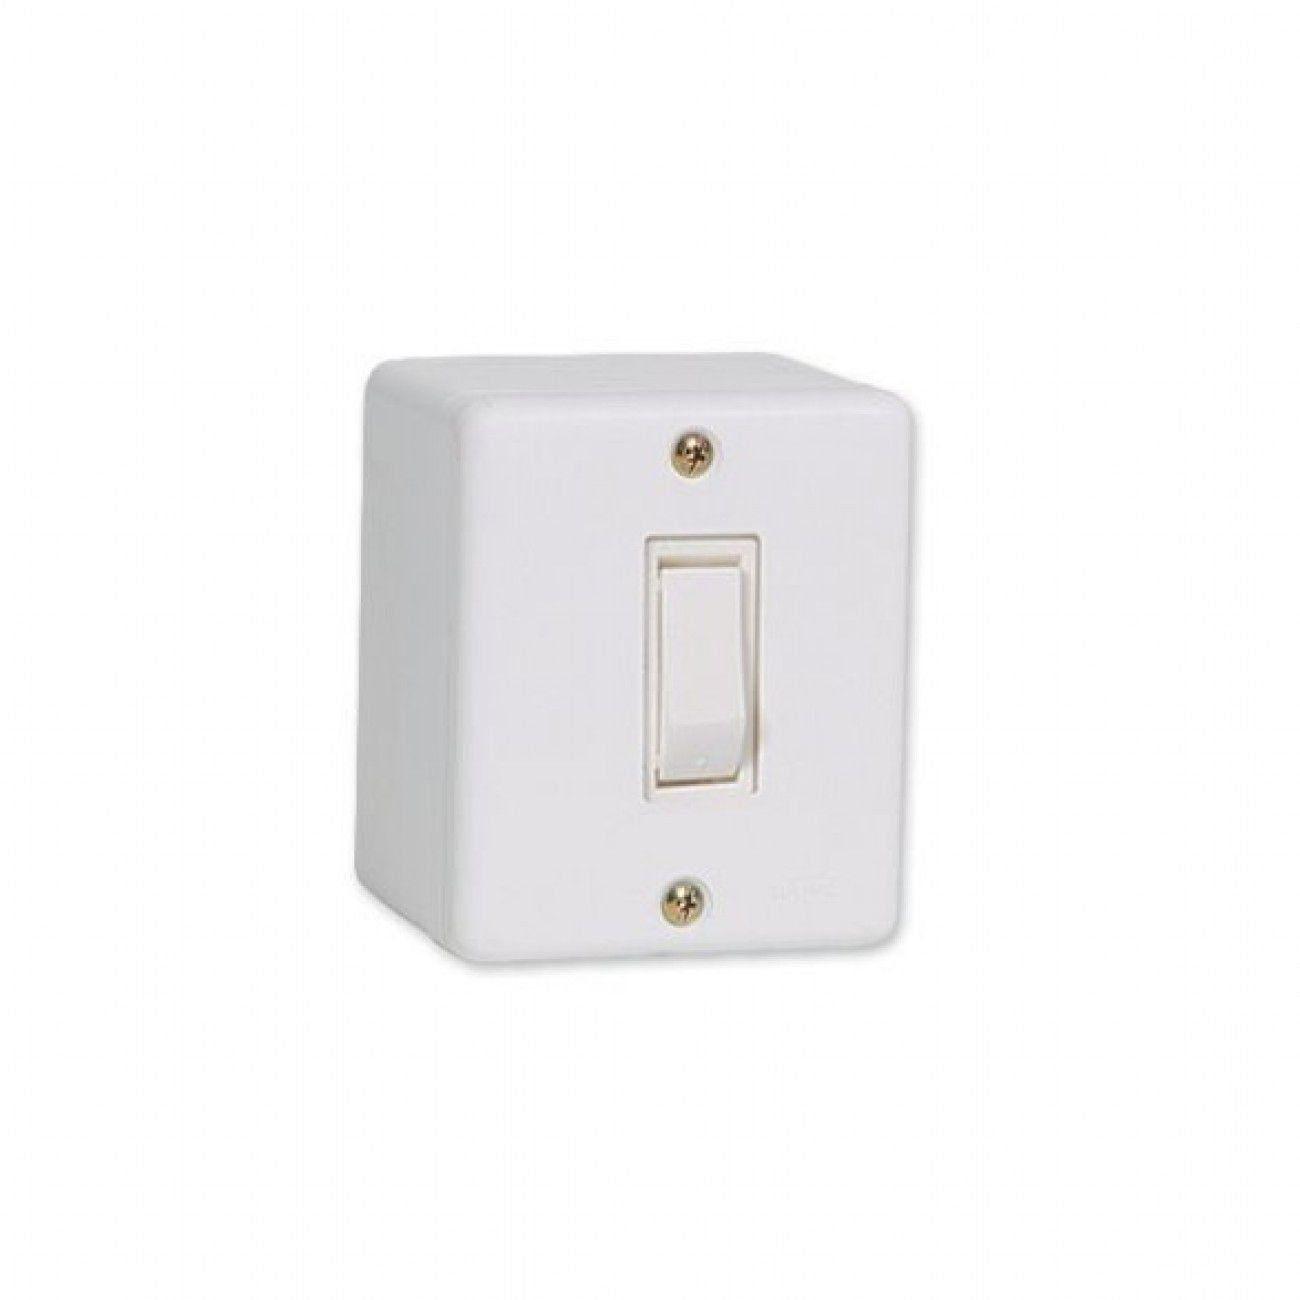 Conjunto De Sobrepor 1 Interruptor Simples 6317 Ilumi